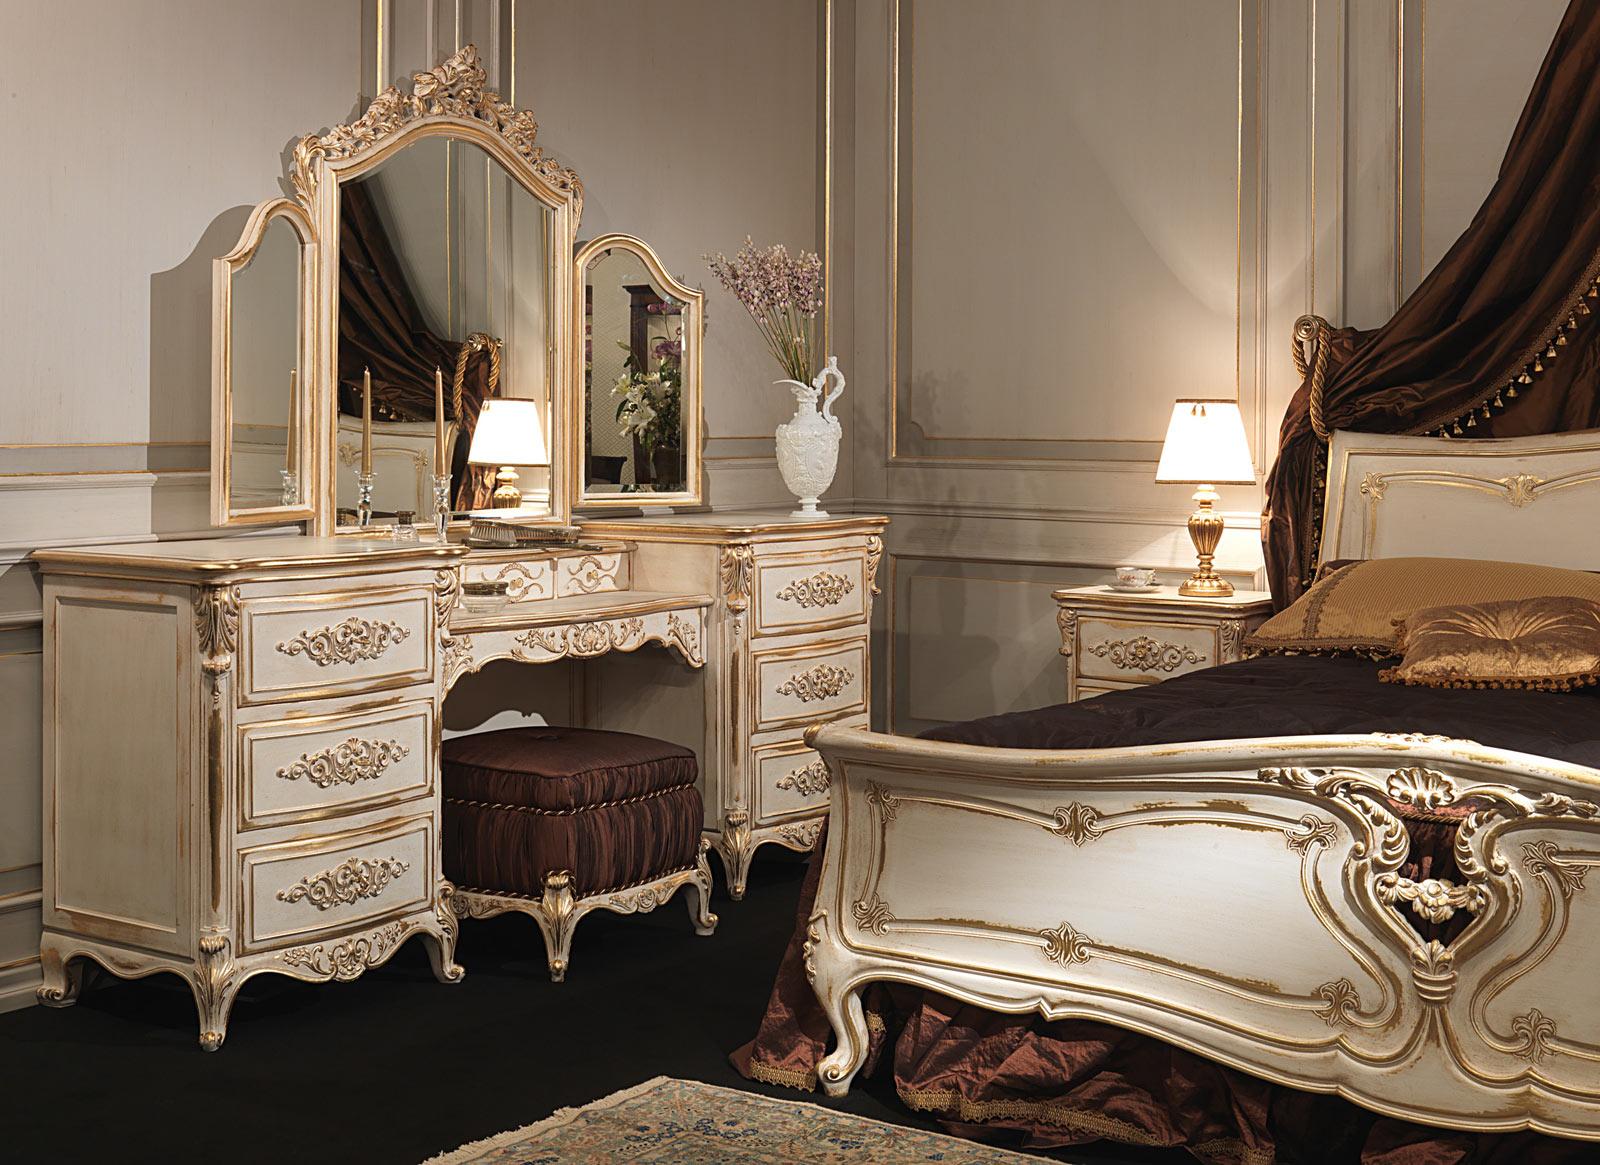 Camera da letto classica in stile luigi xvi letto in legno intagliato toilette con specchiera - Toilette moderne camera da letto ...